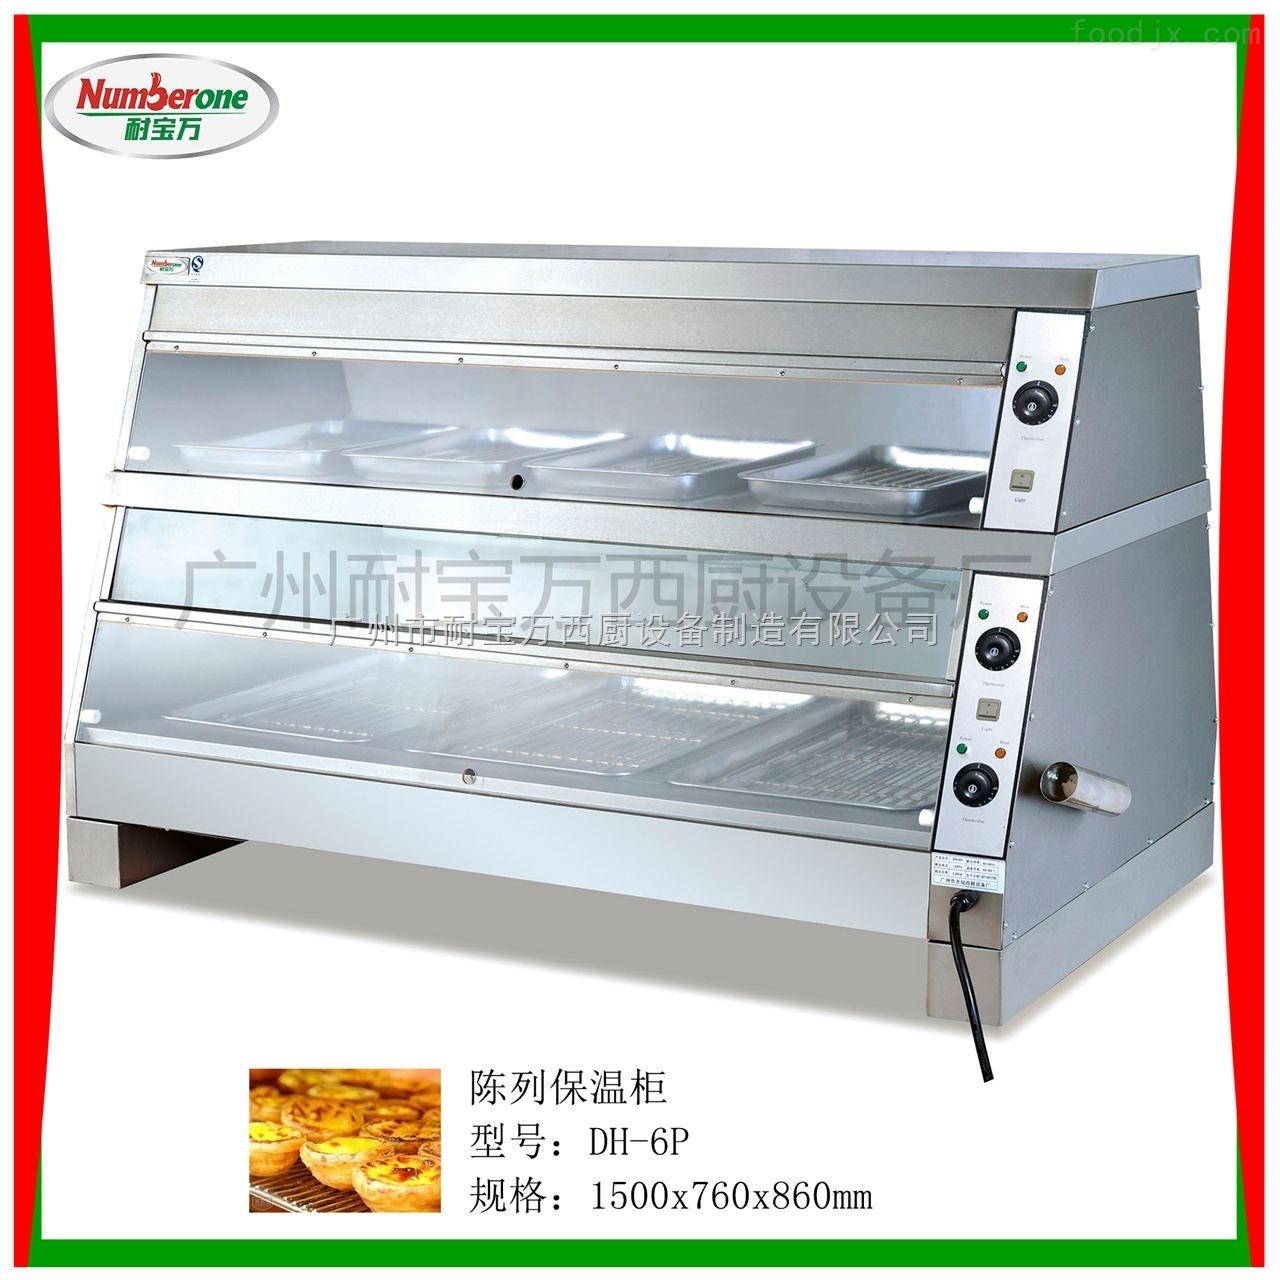 陈列保温柜/展示柜/西式快餐设备